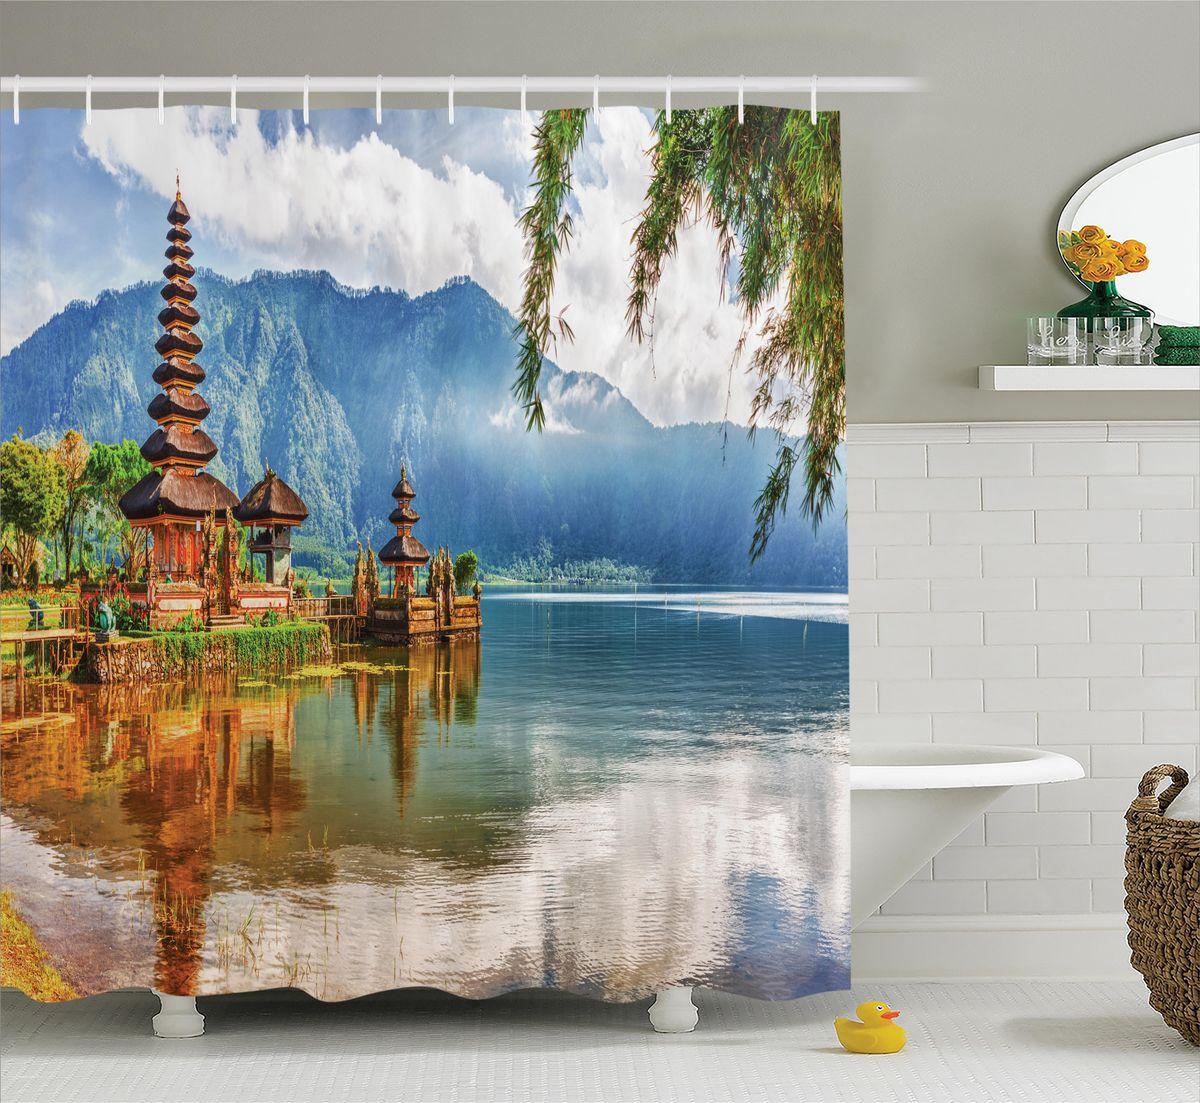 Штора для ванной комнаты Magic Lady Деревянная пагода над водой, 180 х 200 смшв_12249Штора Magic Lady Деревянная пагода над водой, изготовленная из высококачественного сатена (полиэстер 100%), отлично дополнит любой интерьер ванной комнаты. При изготовлении используются специальные гипоаллергенные чернила для прямой печати по ткани, безопасные для человека. В комплекте: 1 штора, 12 крючков.Обращаем ваше внимание, фактический цвет изделия может незначительно отличаться от представленного на фото.